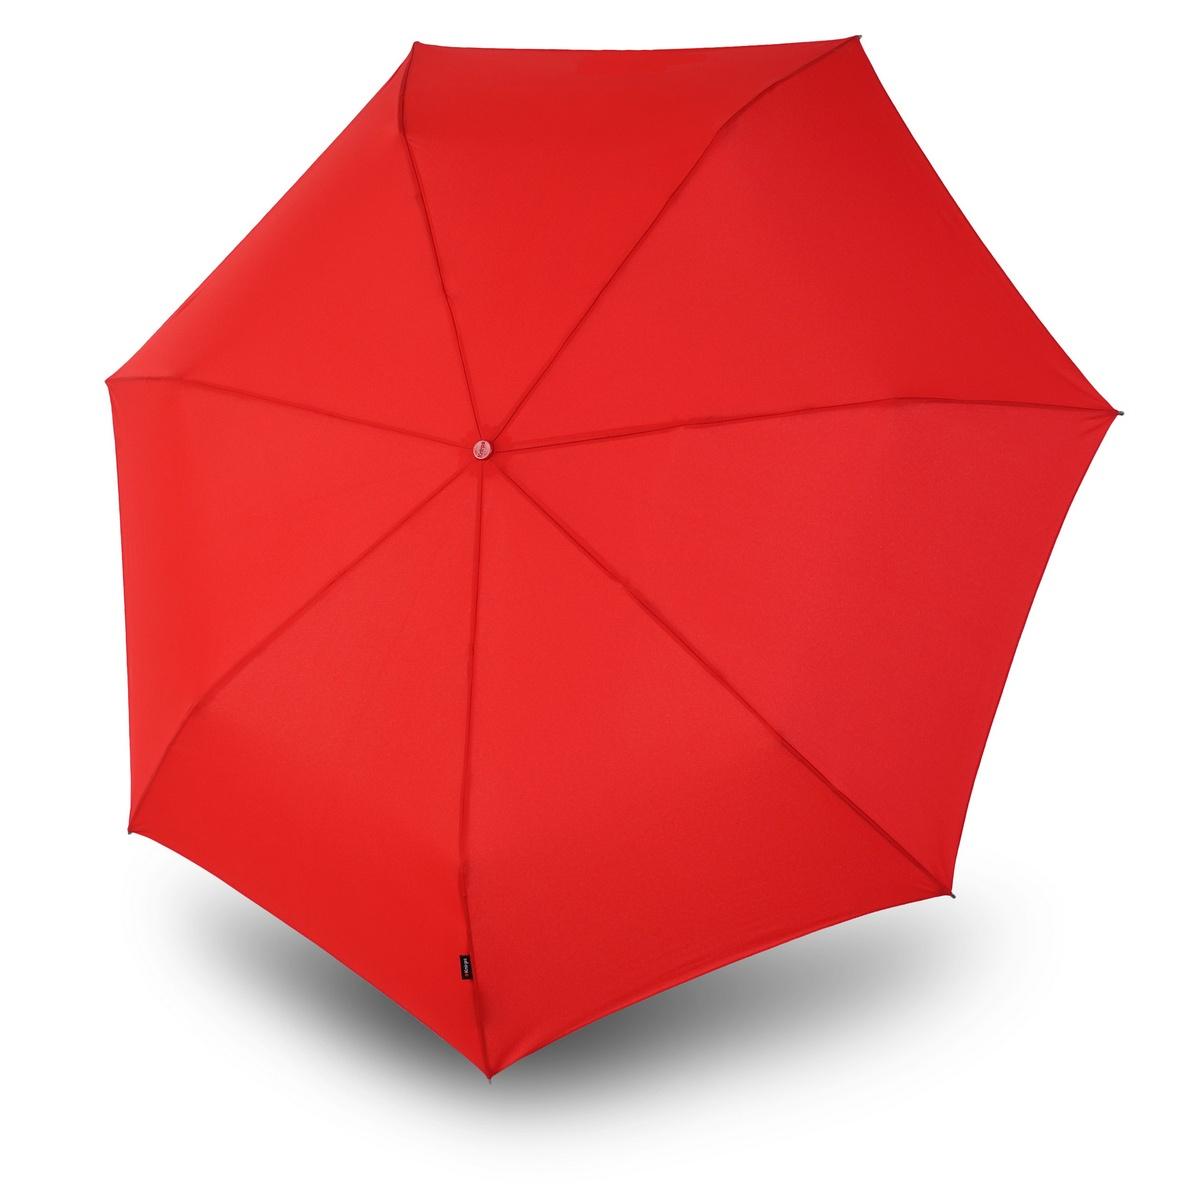 Зонт Knirps Floyd Duomatic, красный